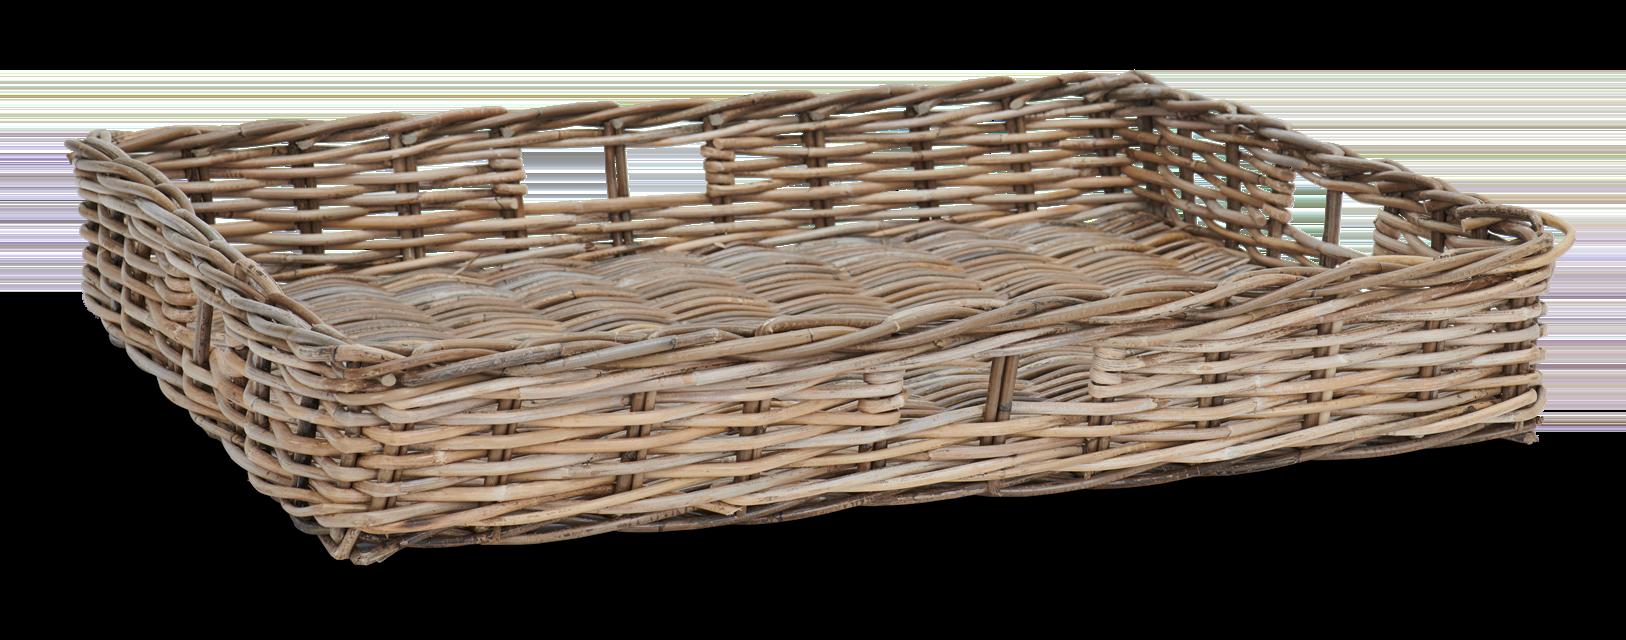 Somerton large under bed storage basket